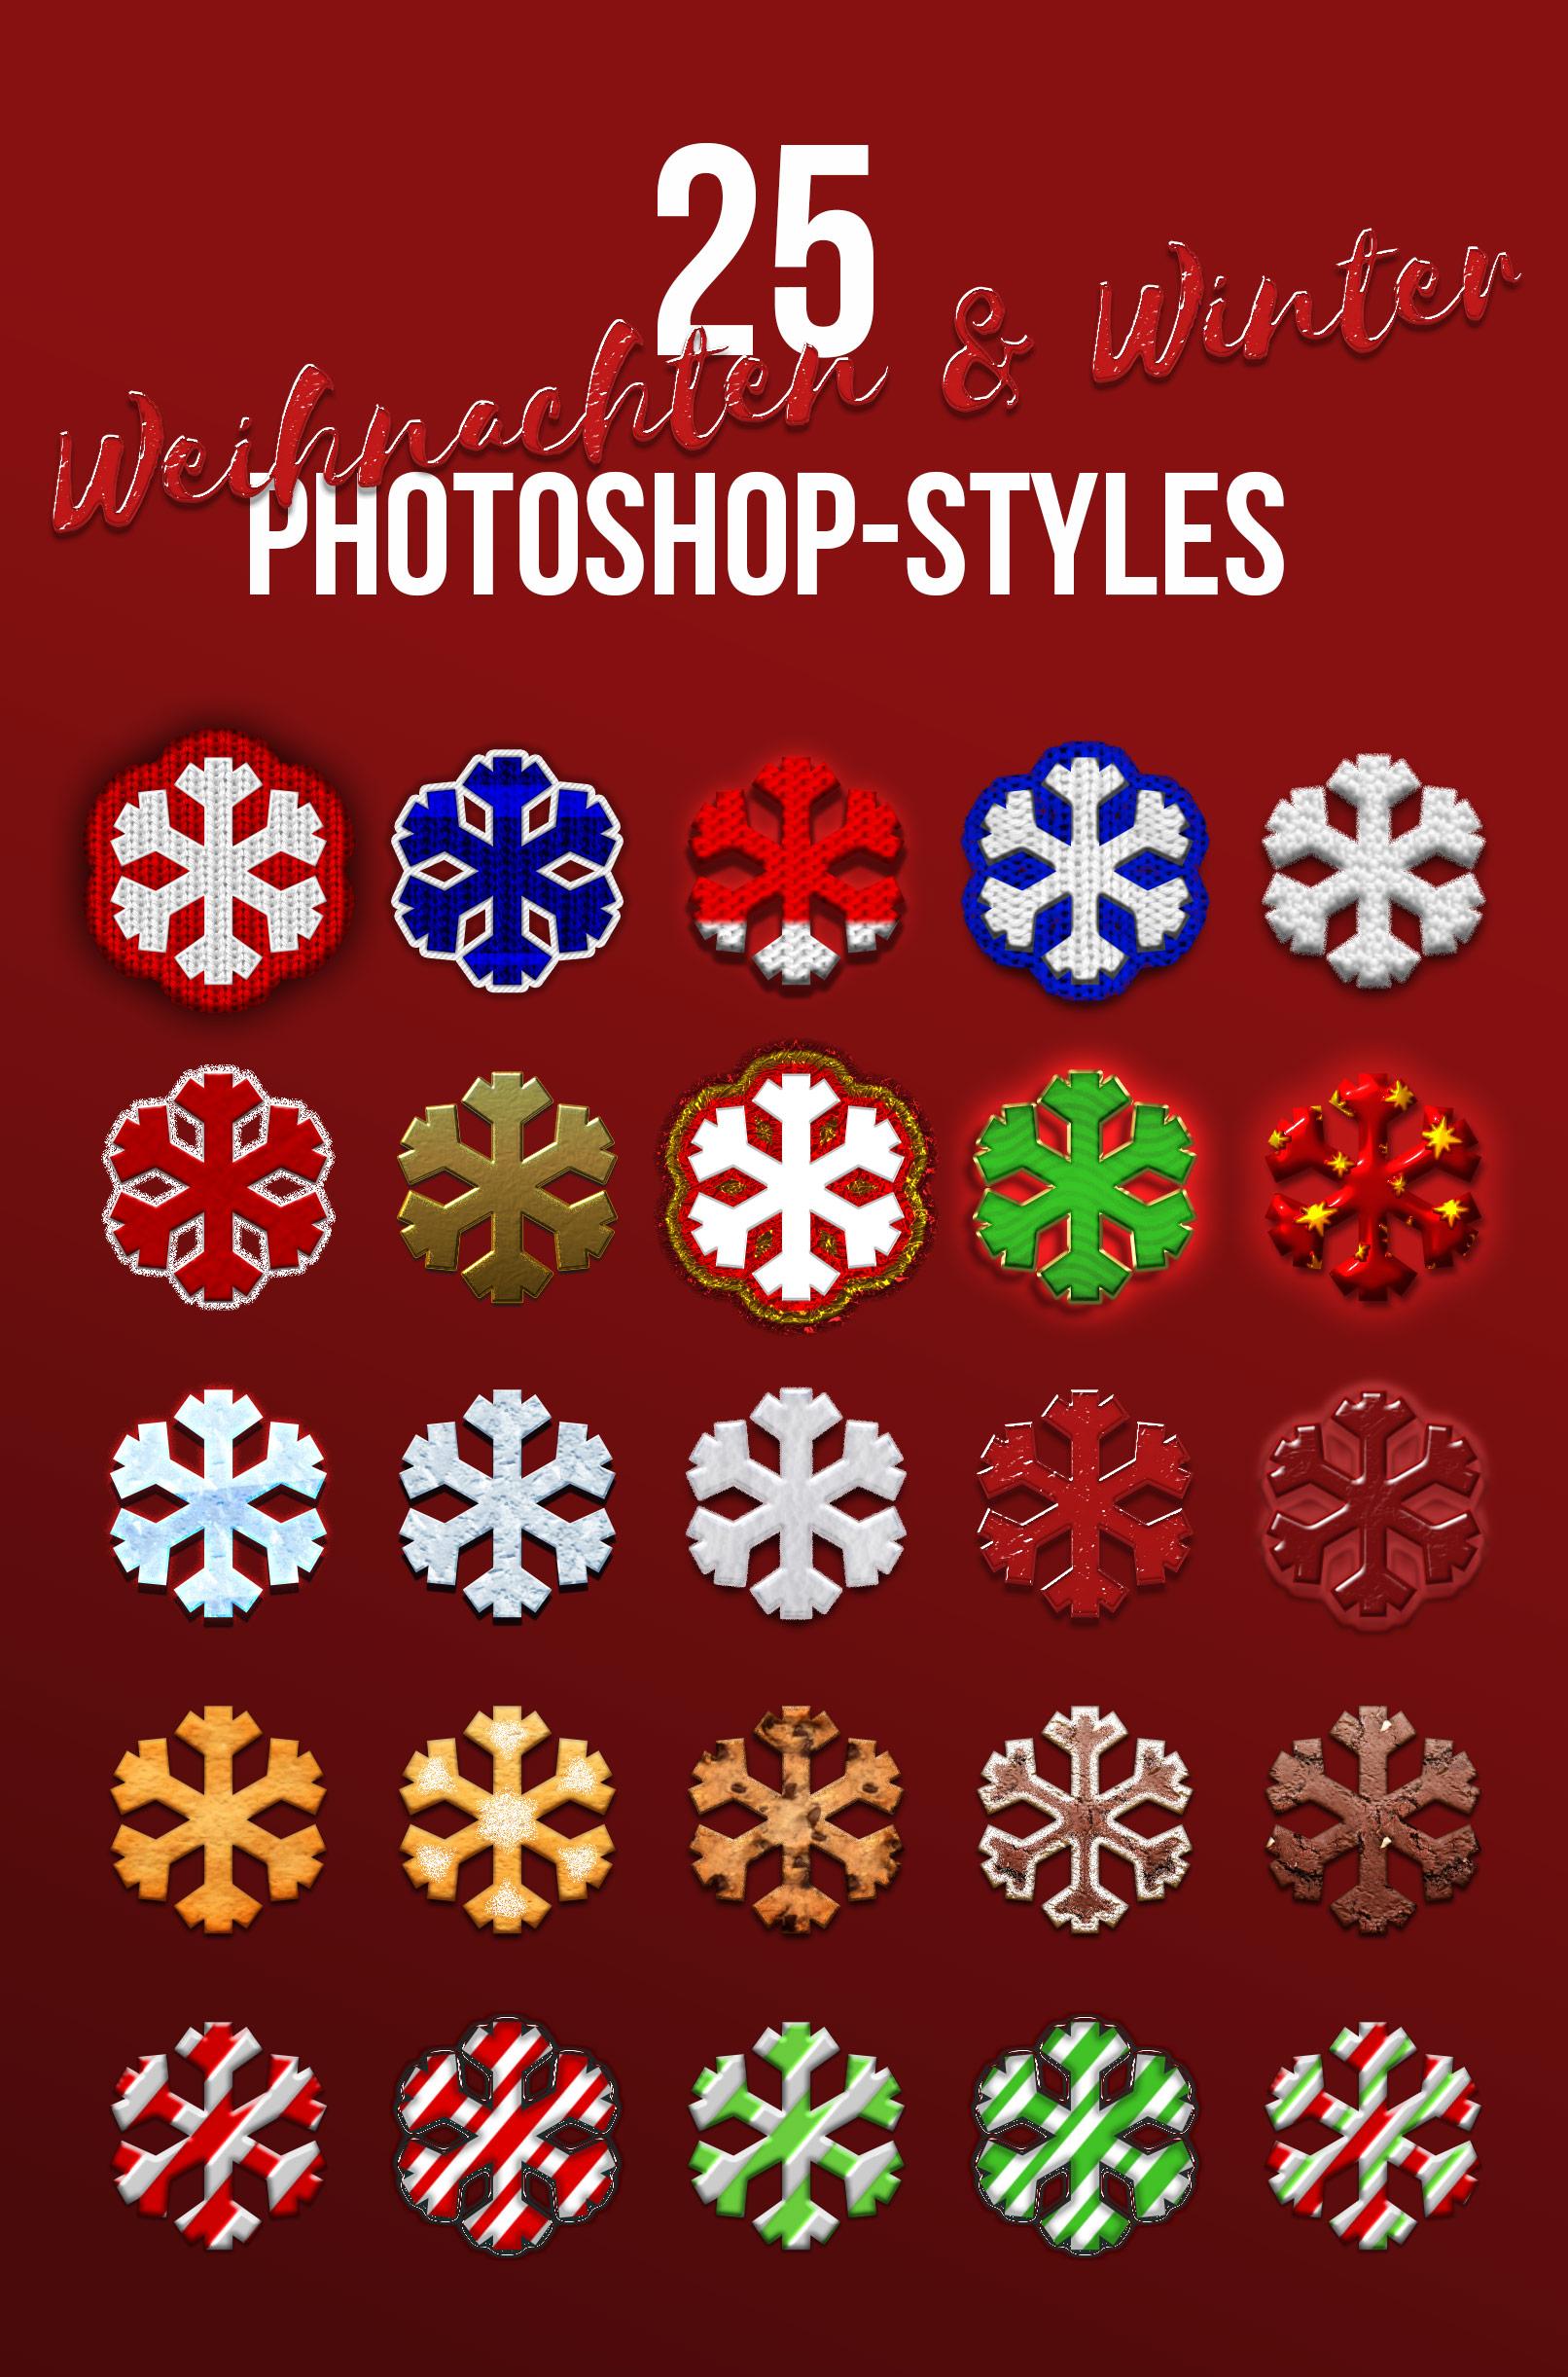 25 Photoshop-Styles für Weihnachten